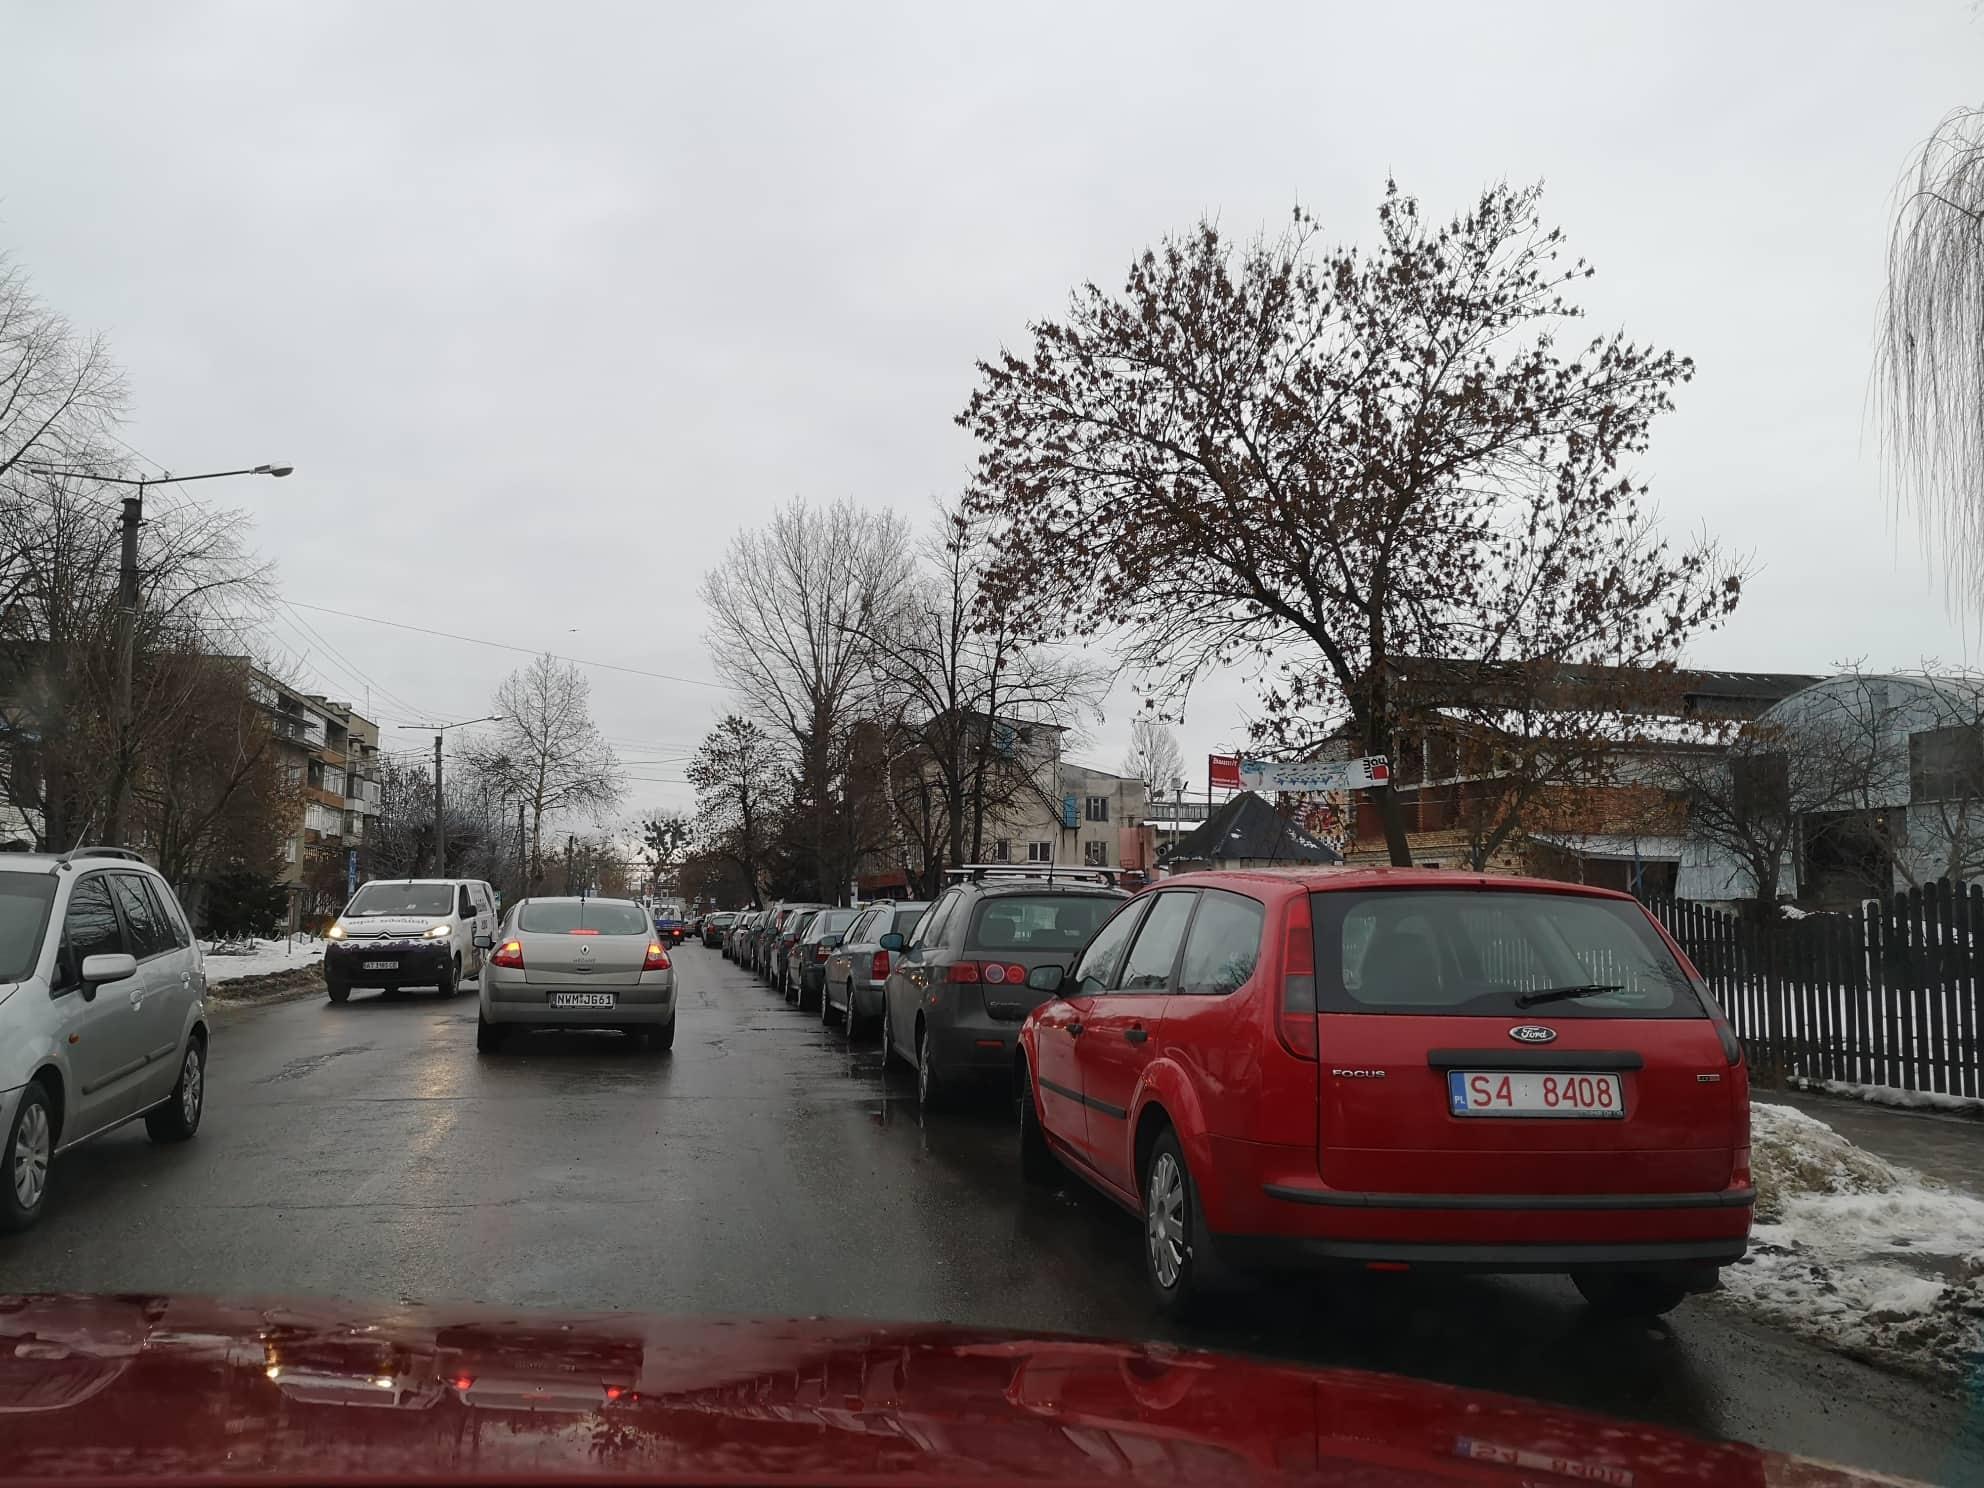 Поблизу митного посту у Франківську зібралися більше сотні машин – не встигають розмитнитись (ФОТОФАКТ)